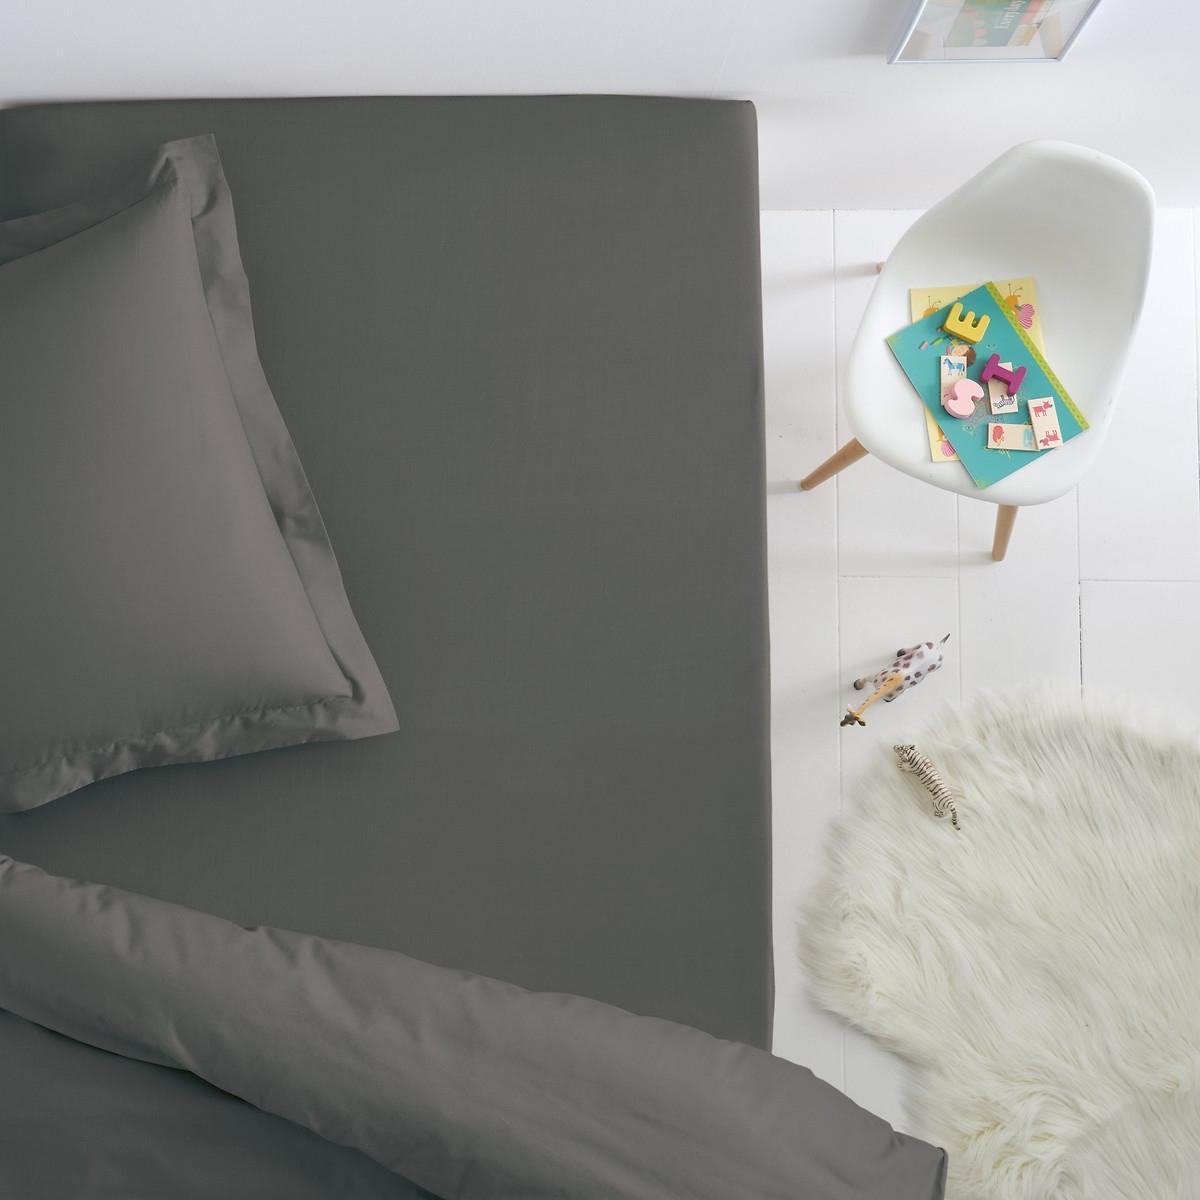 Натяжная простыня LaRedoute Для детской кровати Scenario 80 x 190 см серый простыня laredoute натяжная из джерси для кровати грудного ребенка scenario 70 x 140 см синий